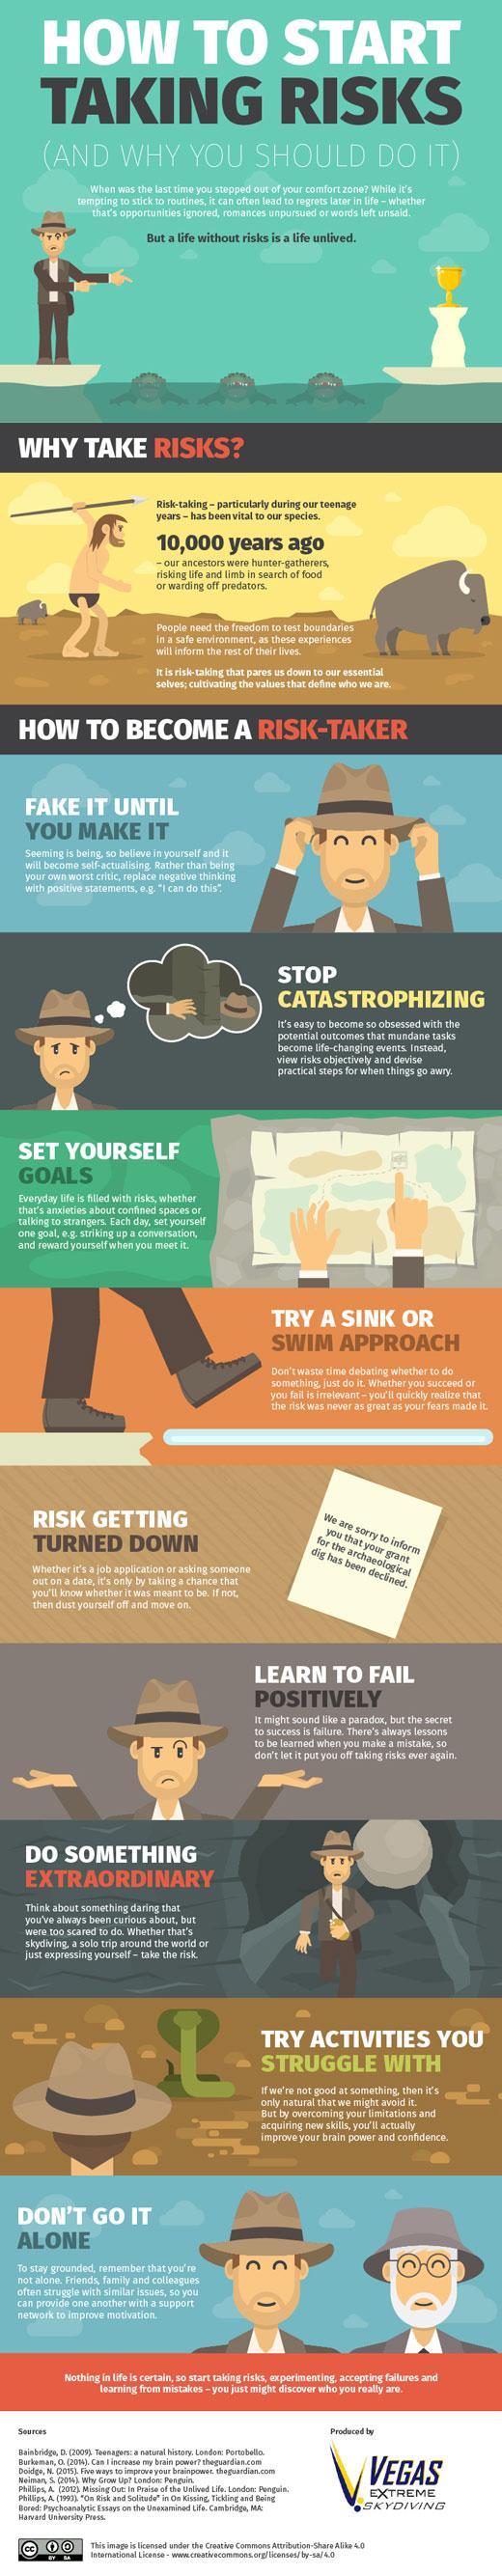 risks averse manly.ng